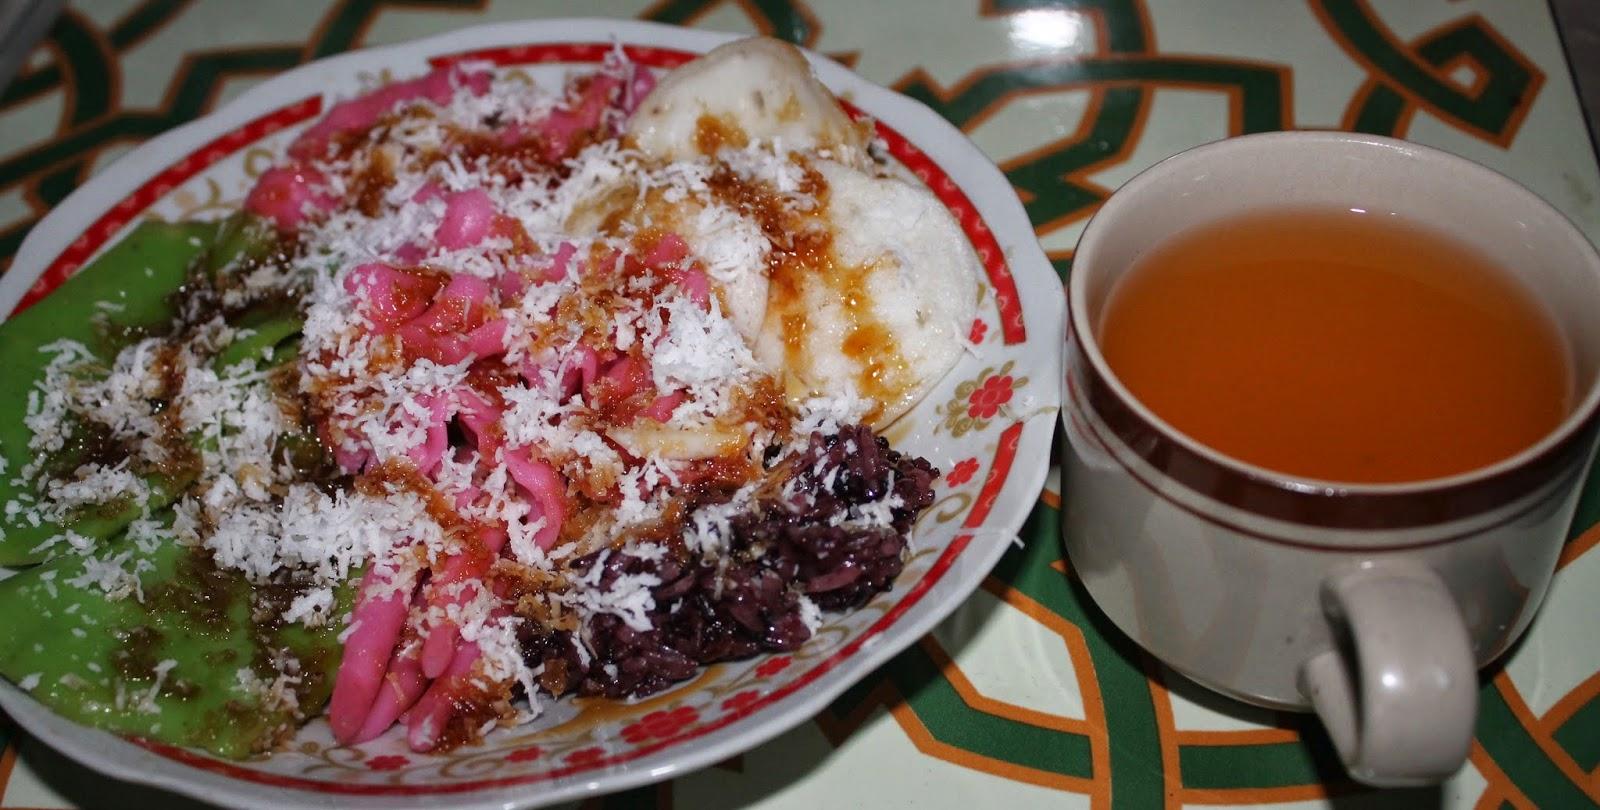 Dari Snack Hingga Makanan Berat, Inilah Daftar Makanan Di Bali Yang Harus Kamu Coba